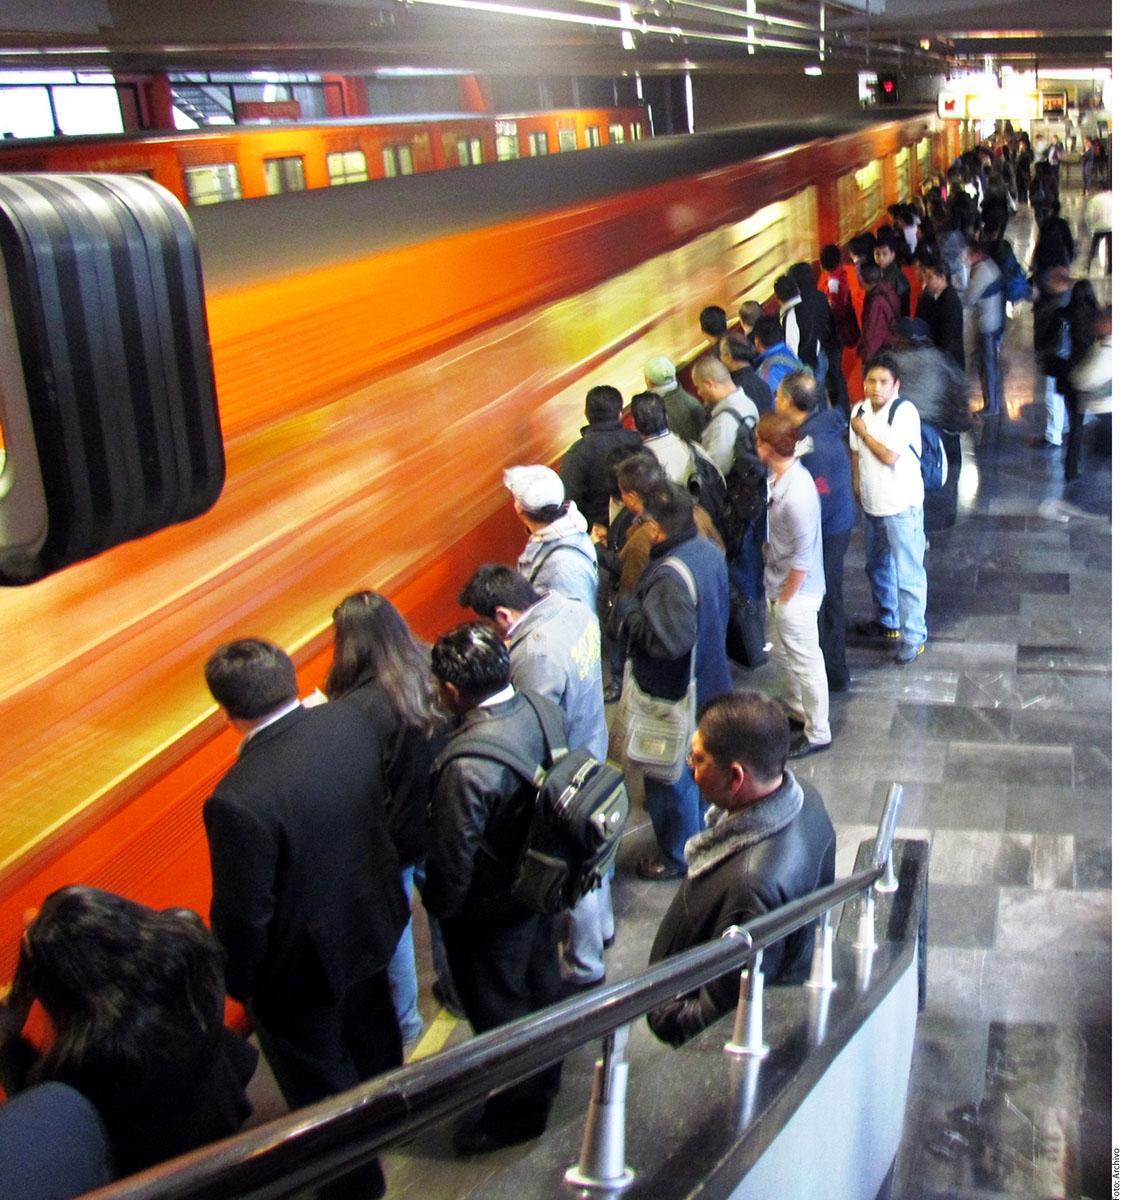 Alerta alza poblacional; 1.2 millones de nuevos mexicanos cada año